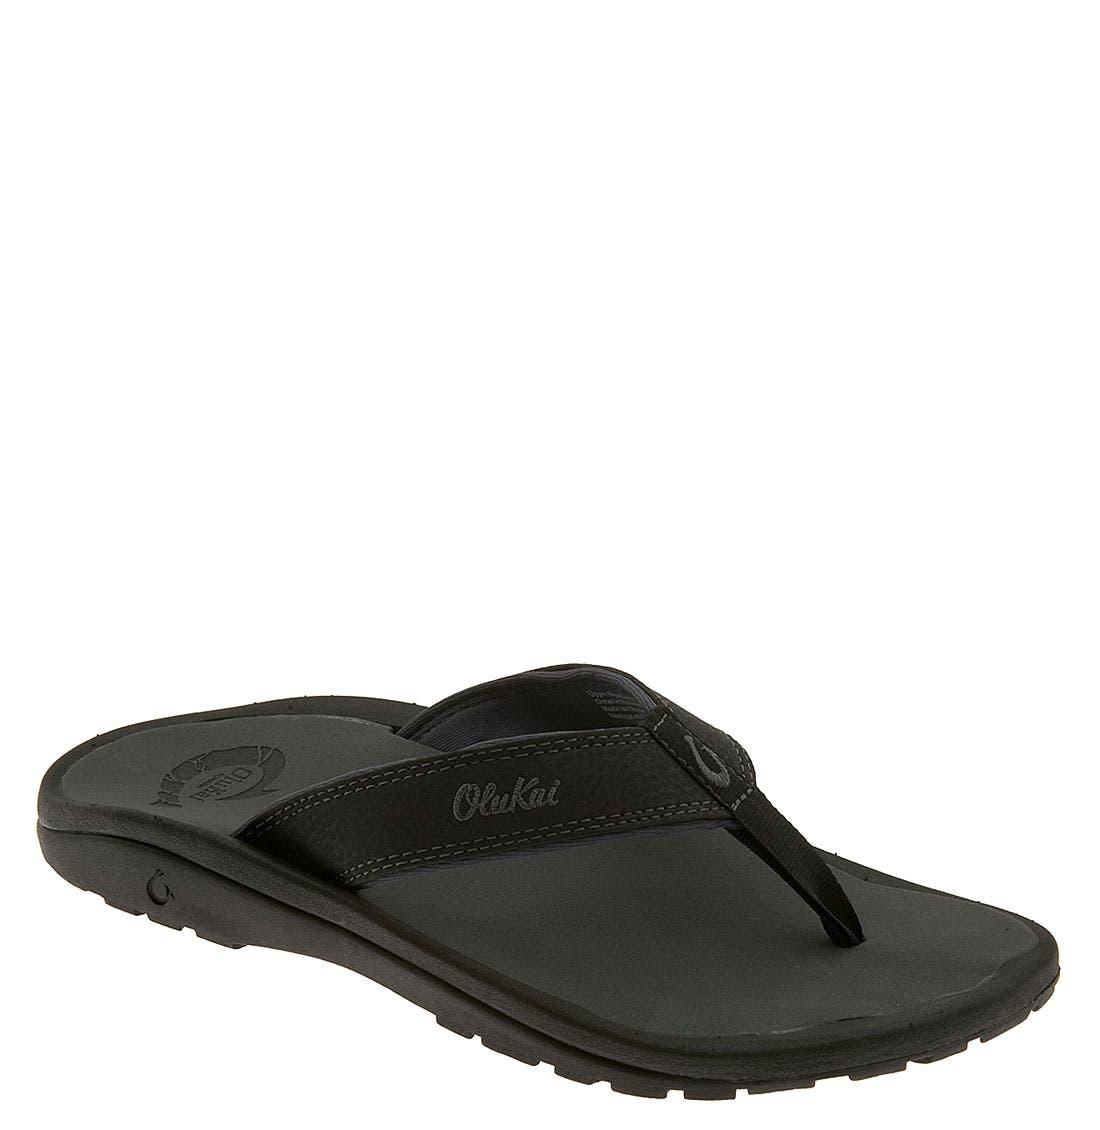 SandalsSlidesamp; FlopsNordstrom FlopsNordstrom SandalsSlidesamp; Men's Men's SandalsSlidesamp; Flip Men's Flip Men's FlopsNordstrom Flip rBxWdCeo